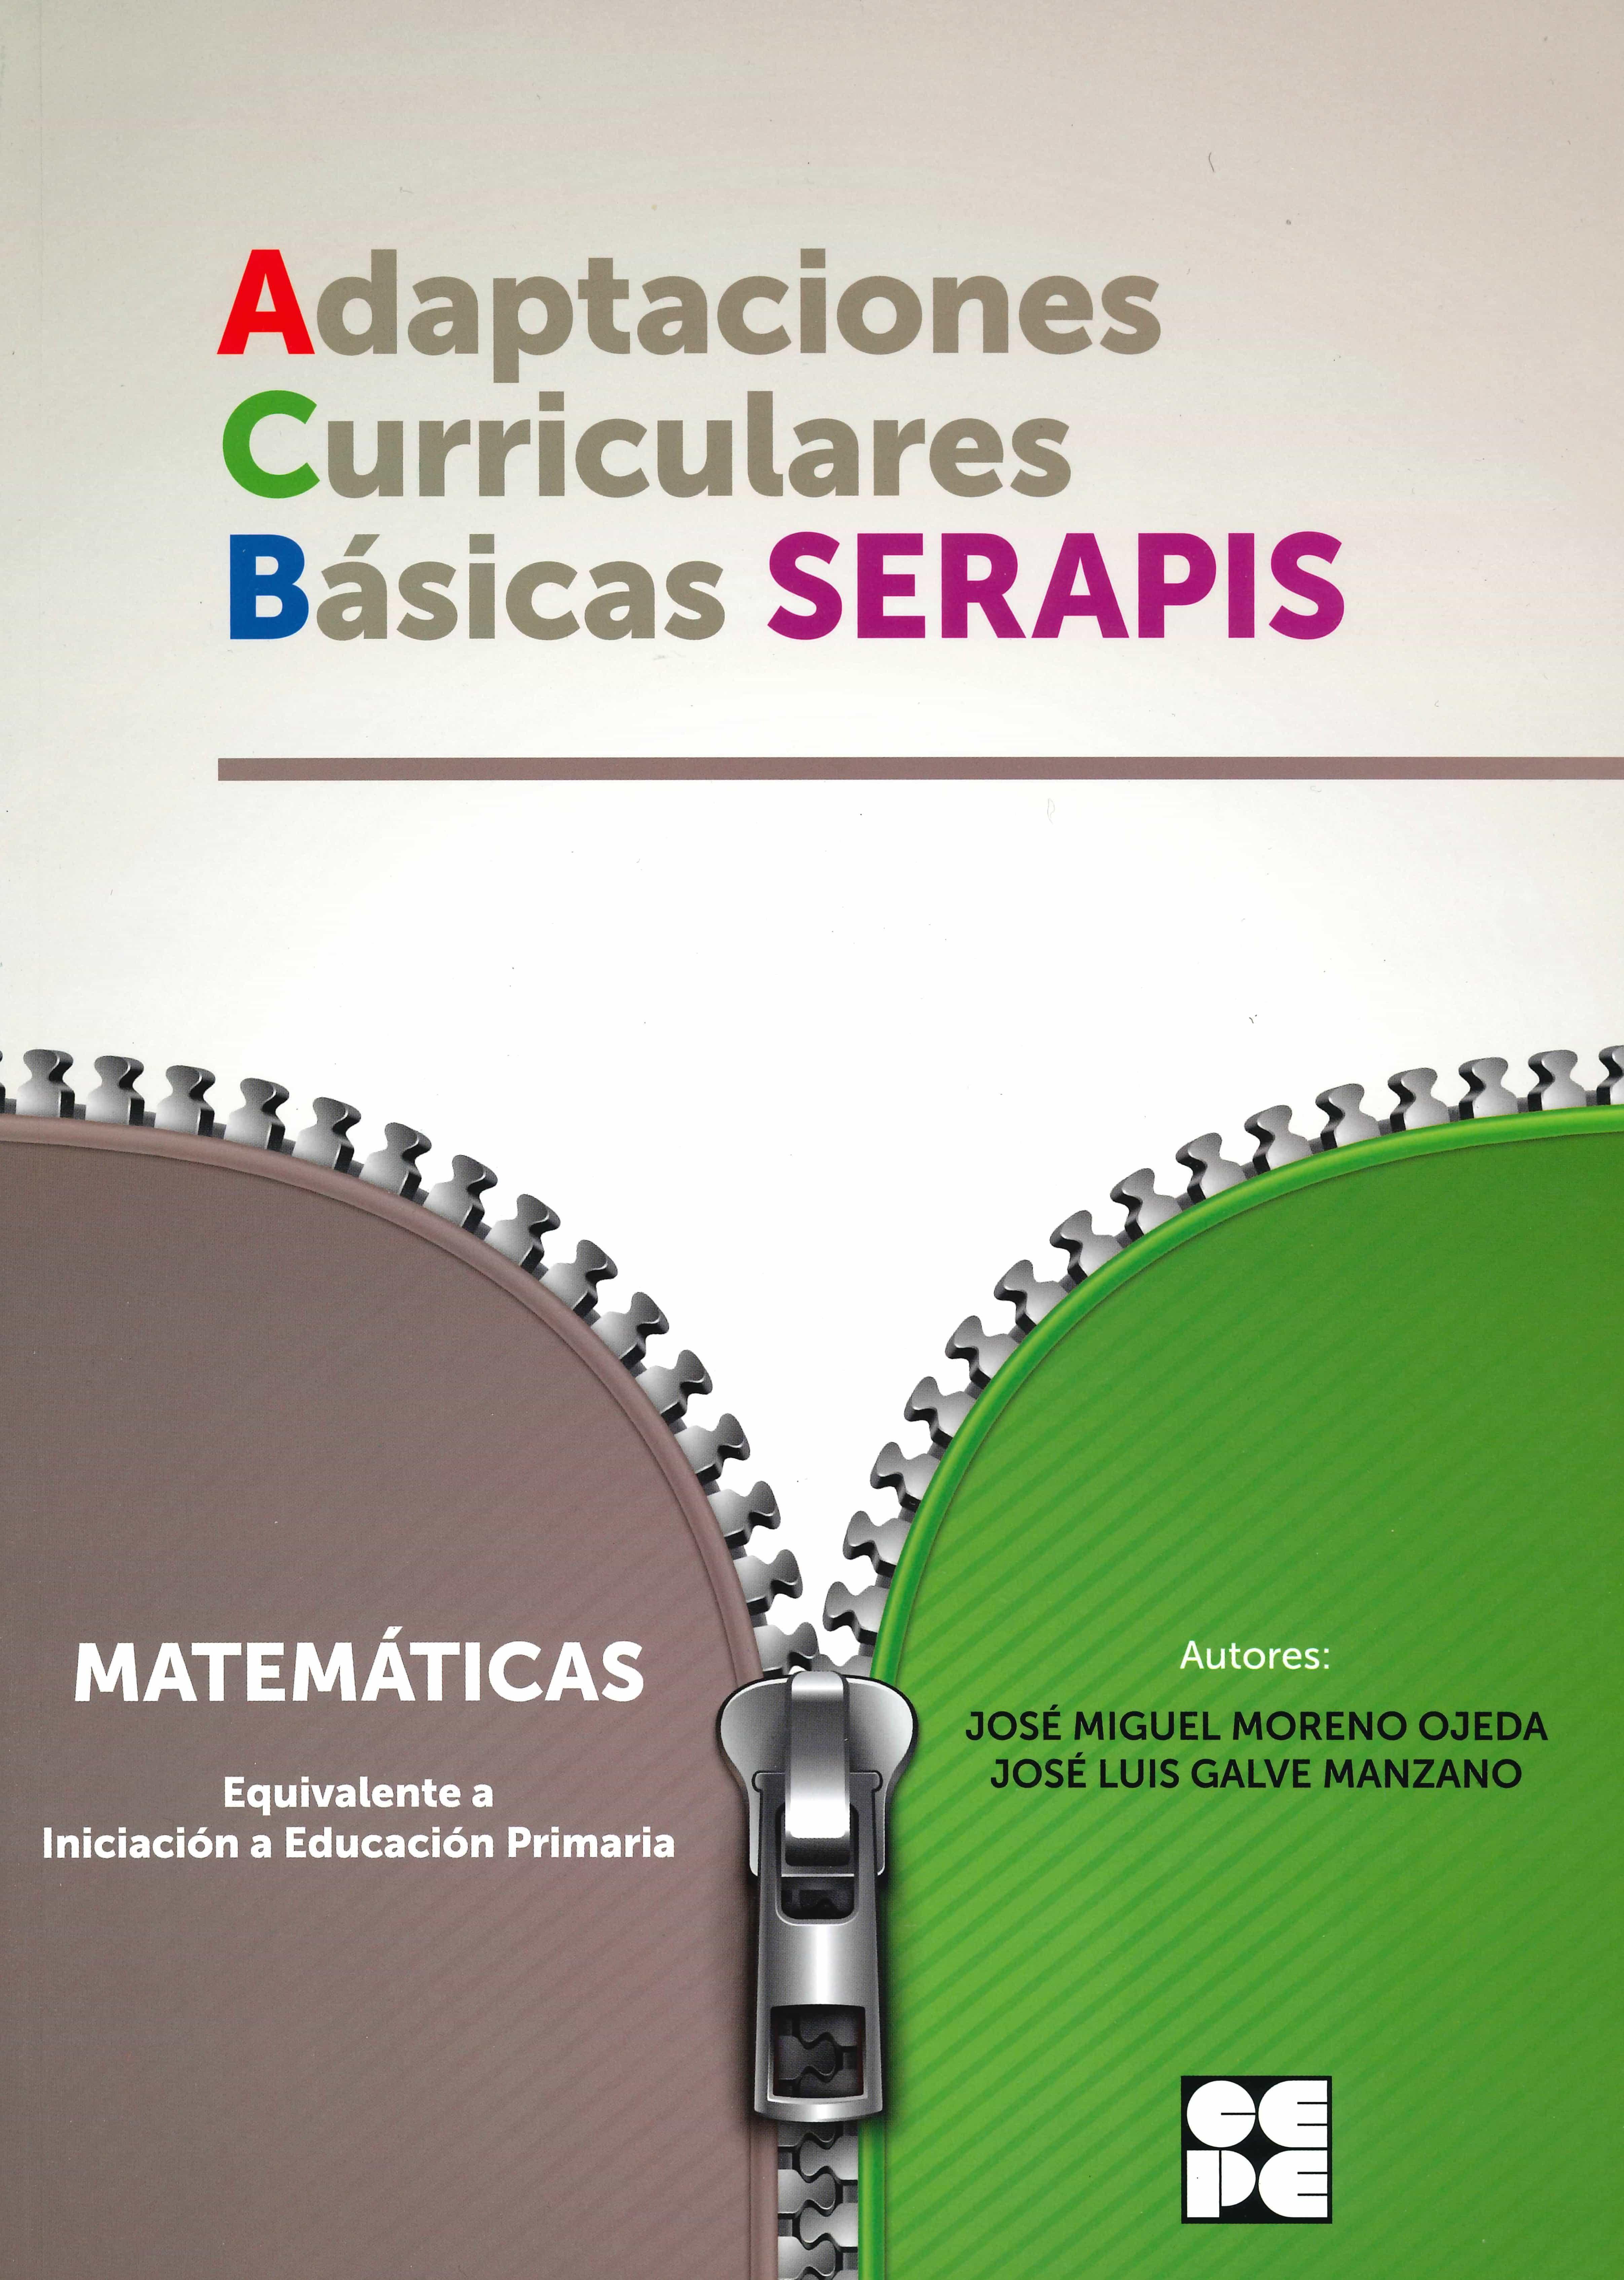 descargar MATEMATICAS - EQUIVALENTE A INICIACION A EDUCACION PRIMARIA. ADAPTACIONES CURRICULARES BASICAS SERAPIS pdf, ebook